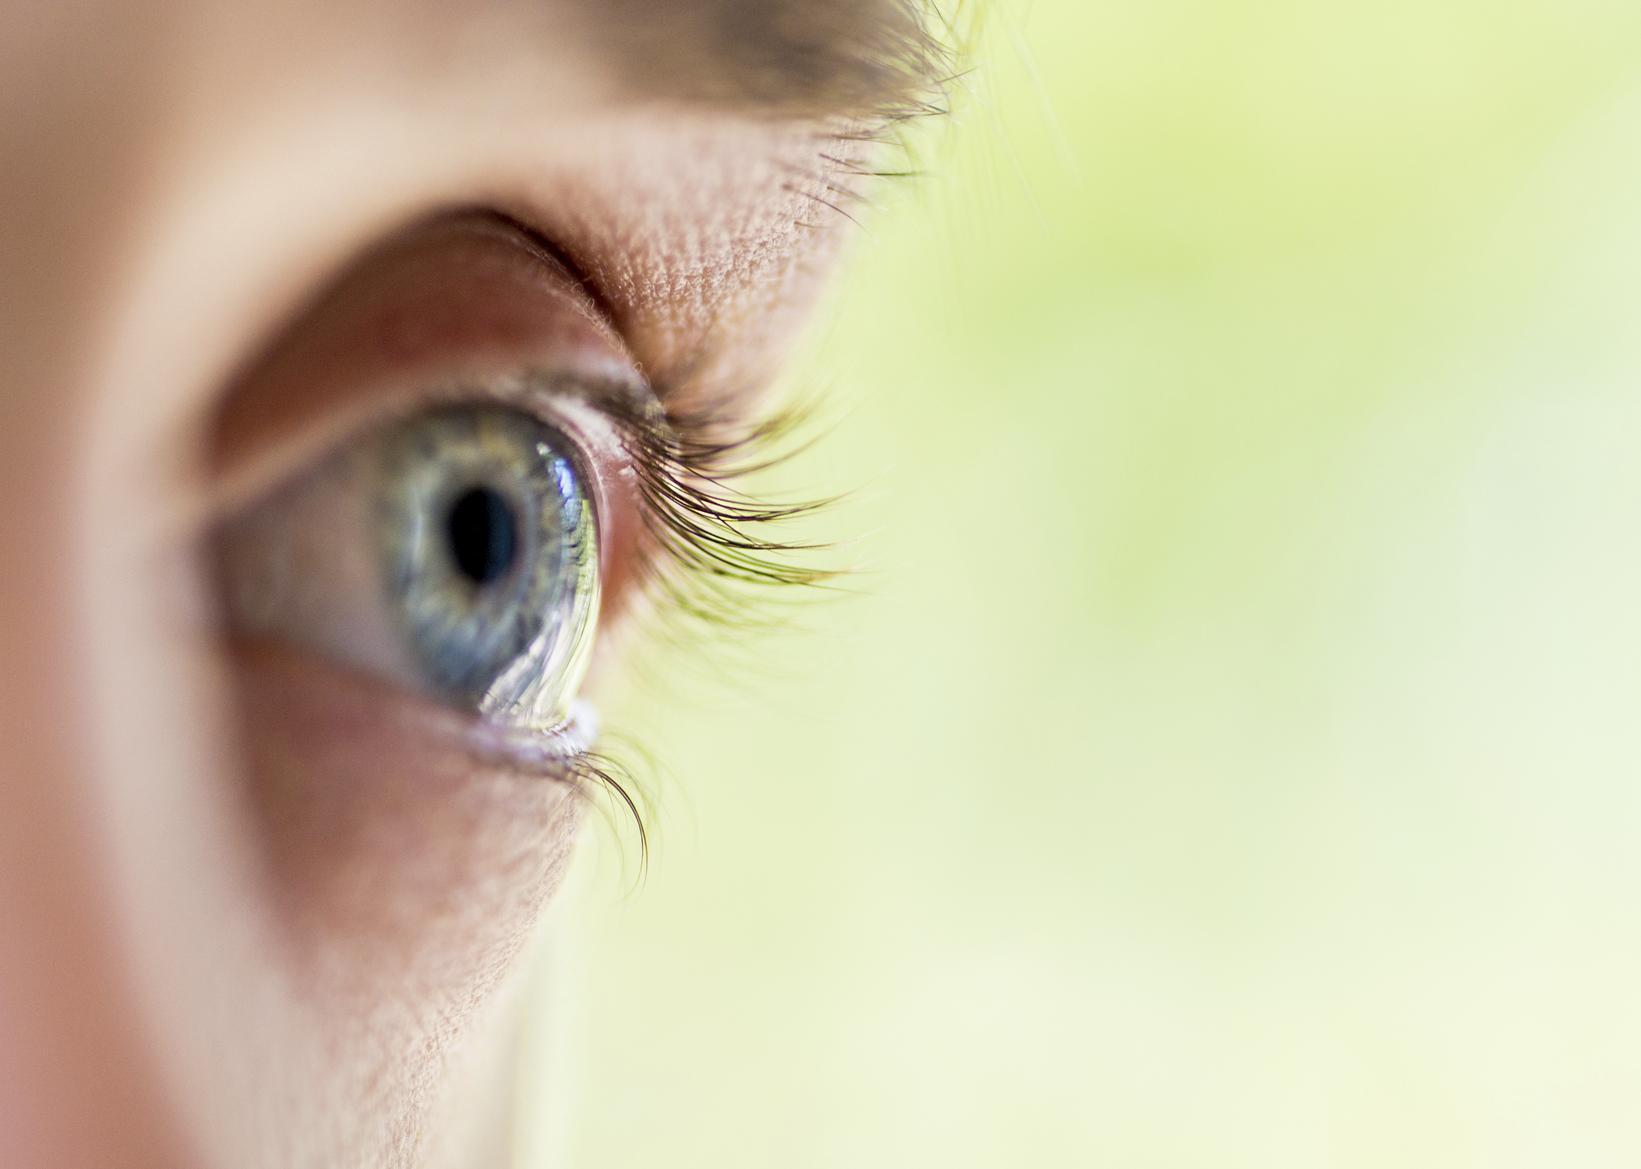 Ojo azul abierto de perfil